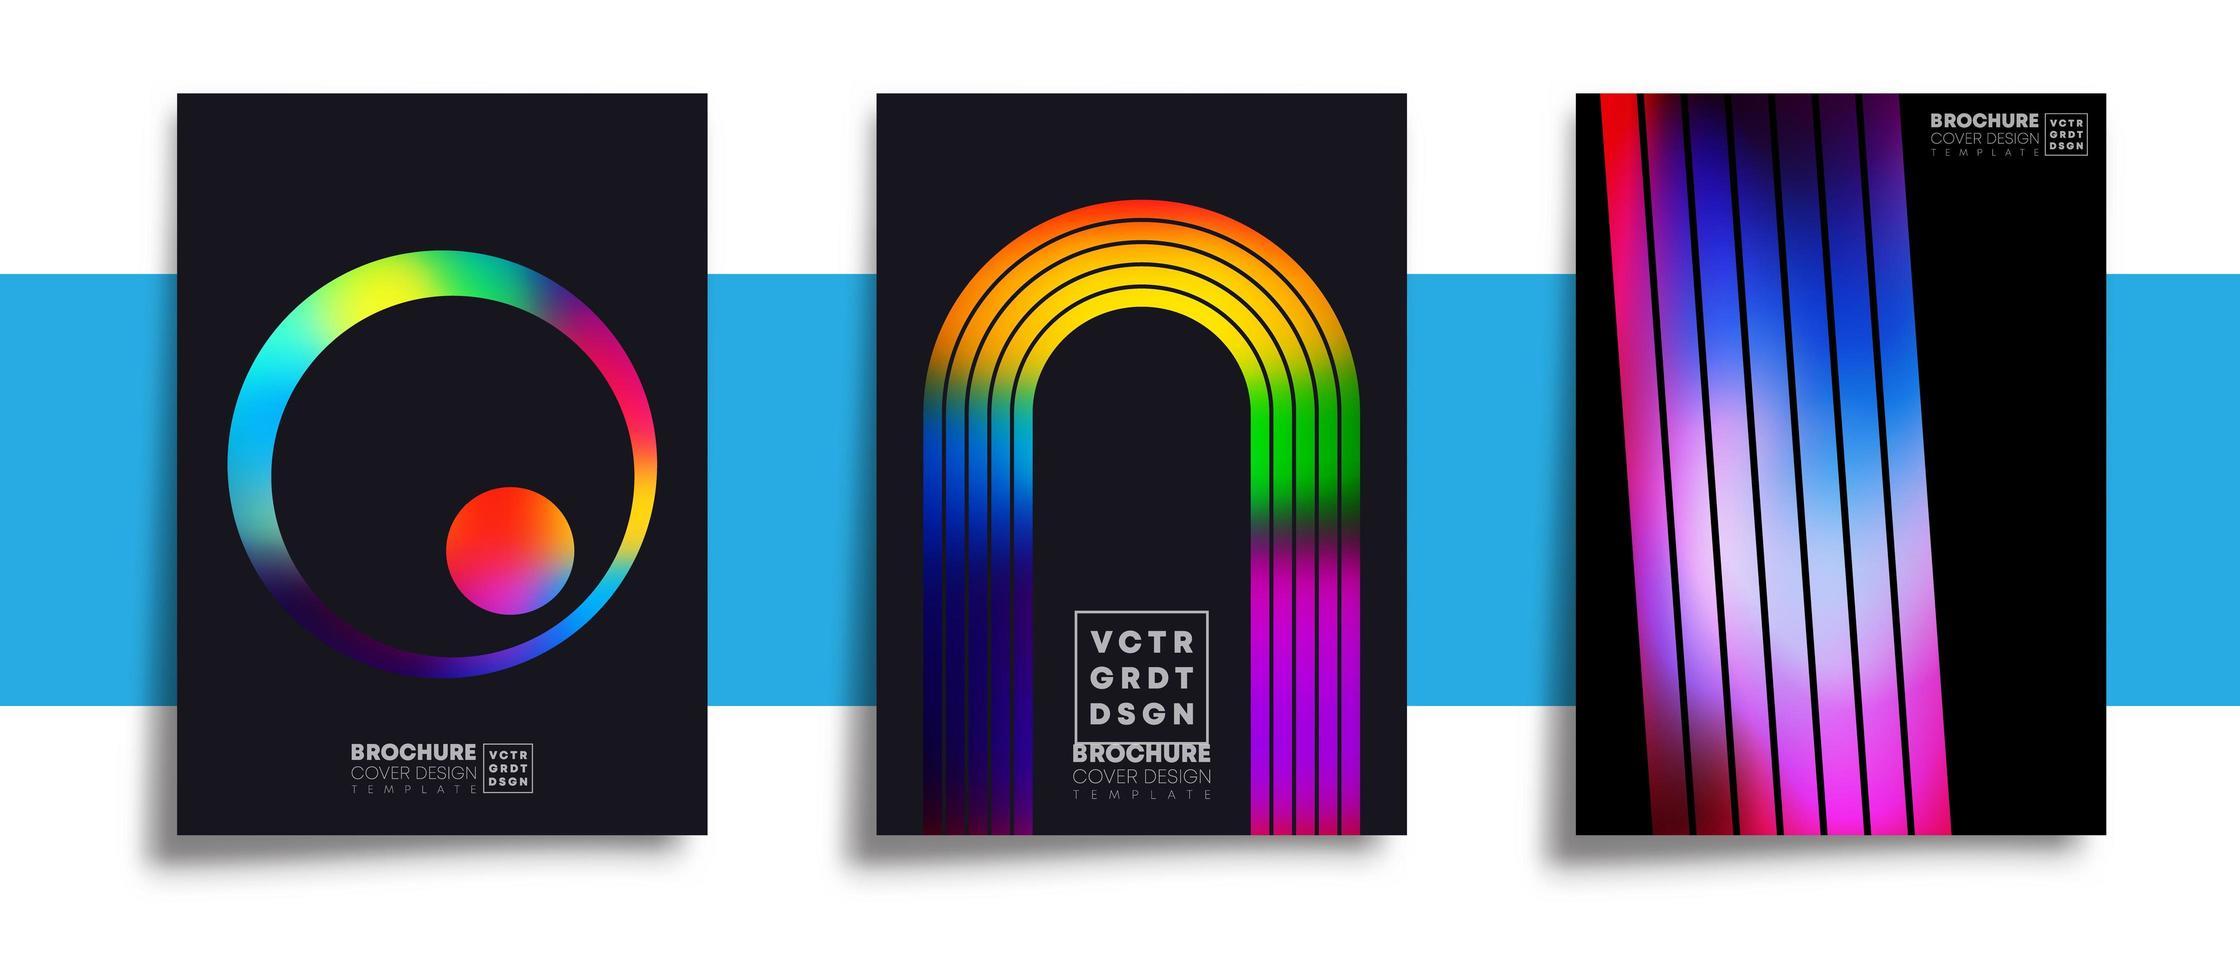 uppsättning abstrakta flerfärgade affischbakgrunder vektor